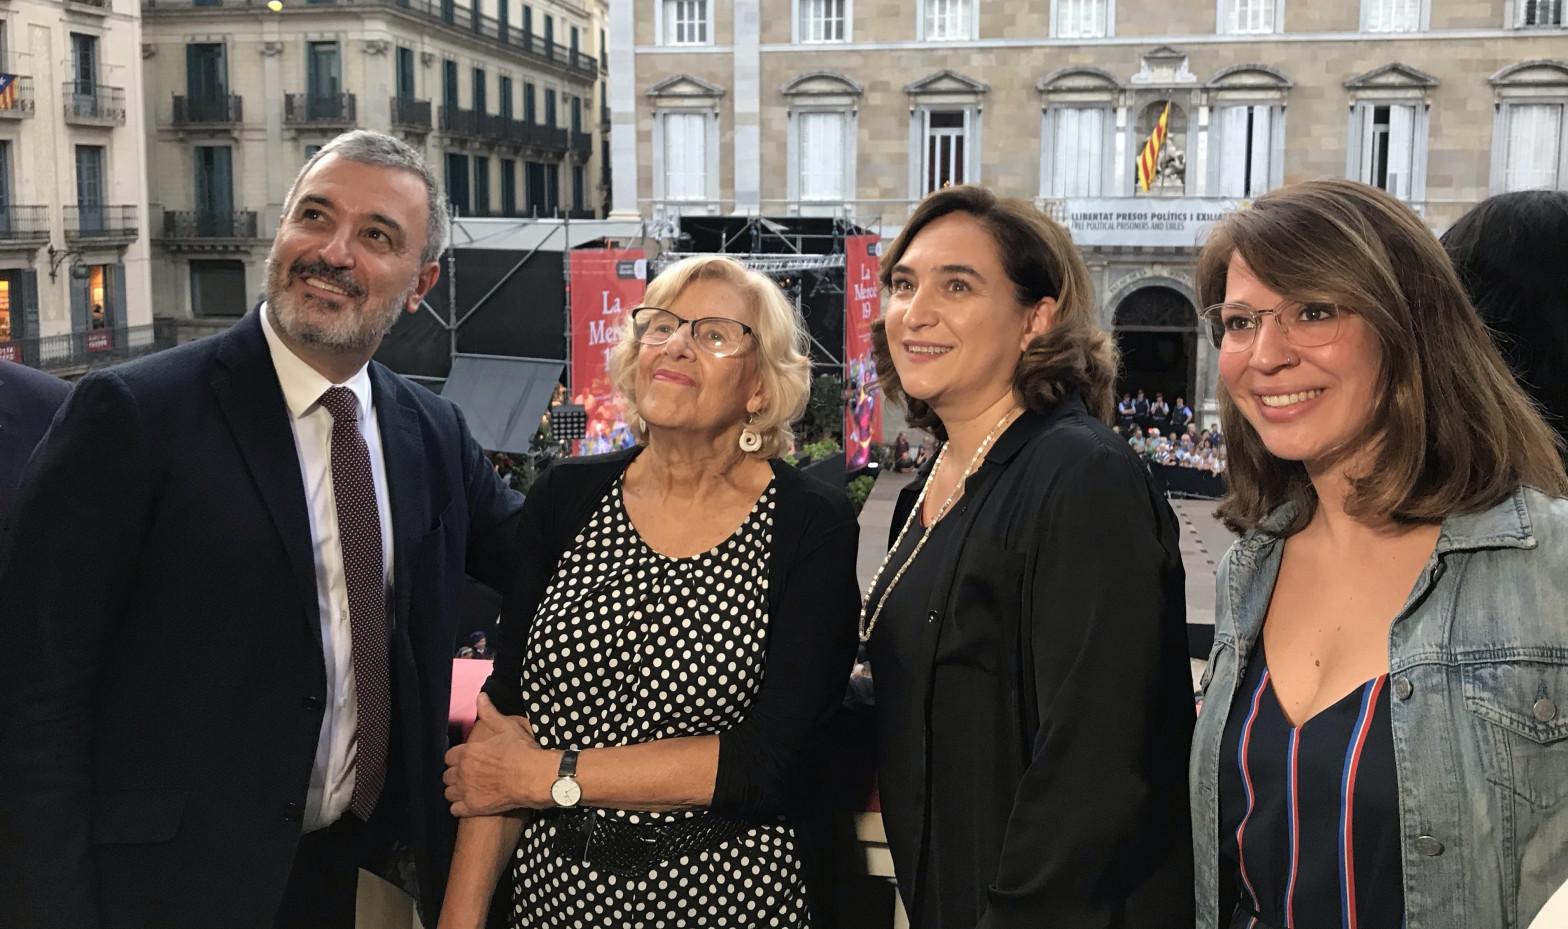 Una ONG une a Carmena con la trama de subvenciones de Colau que investiga la Fiscalía